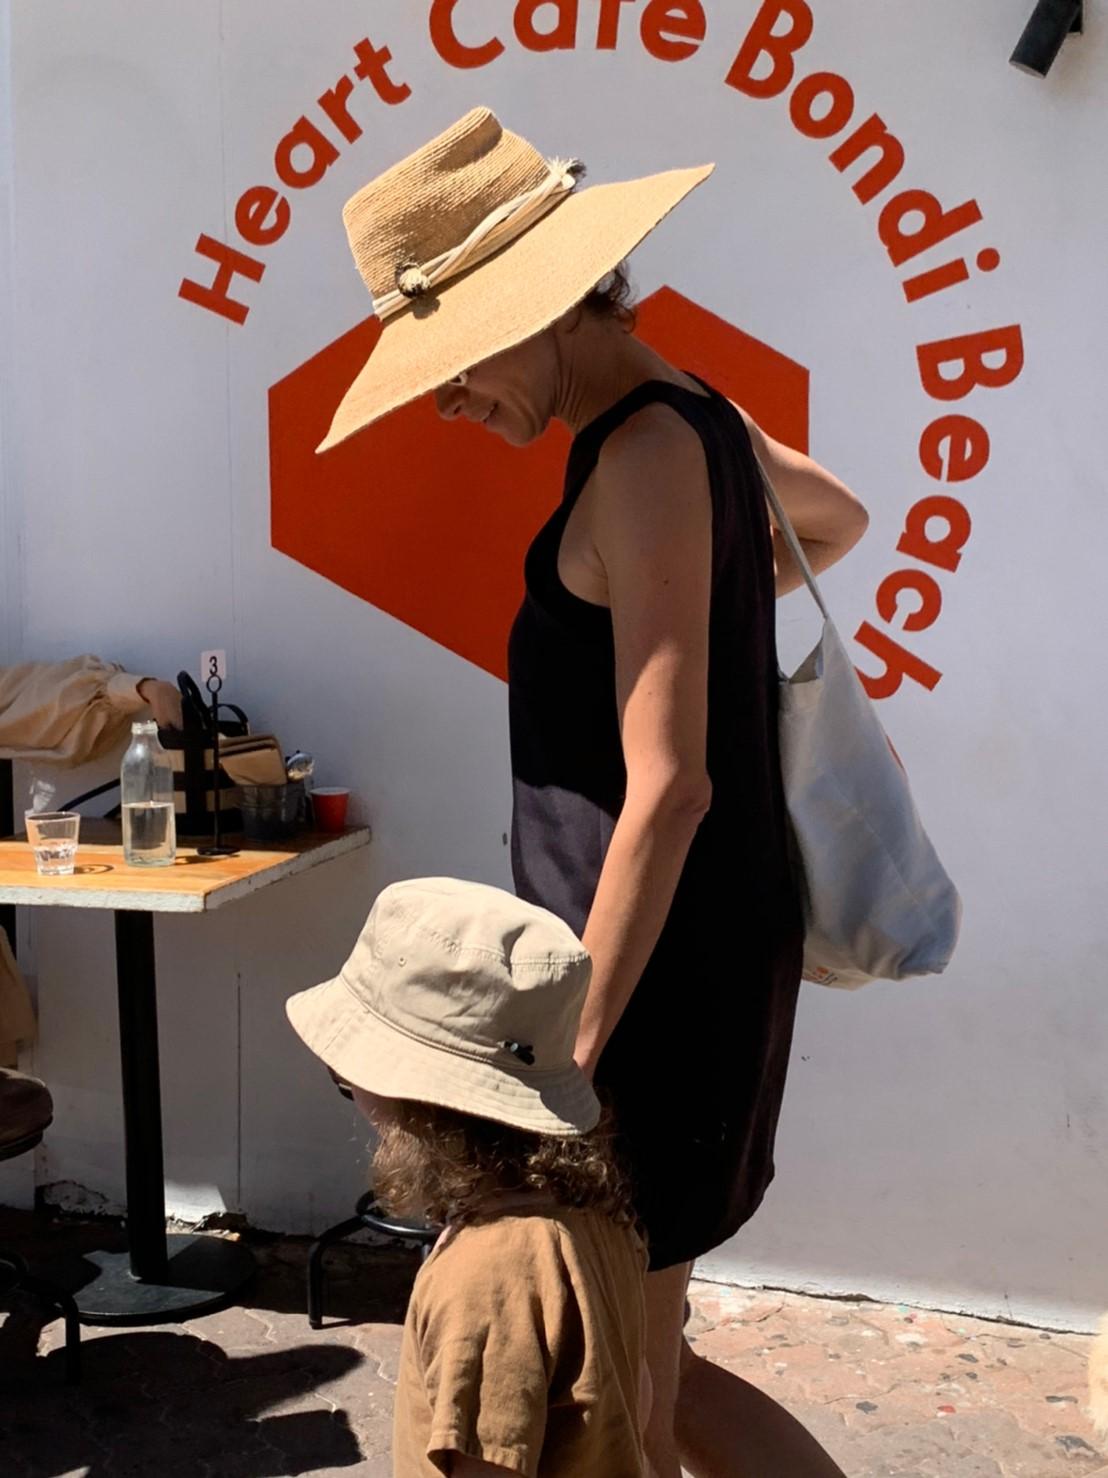 オーストラリア シドニー ボンダイビーチ ボンダイ Sydney Bondi  ビーチファッション スナップ